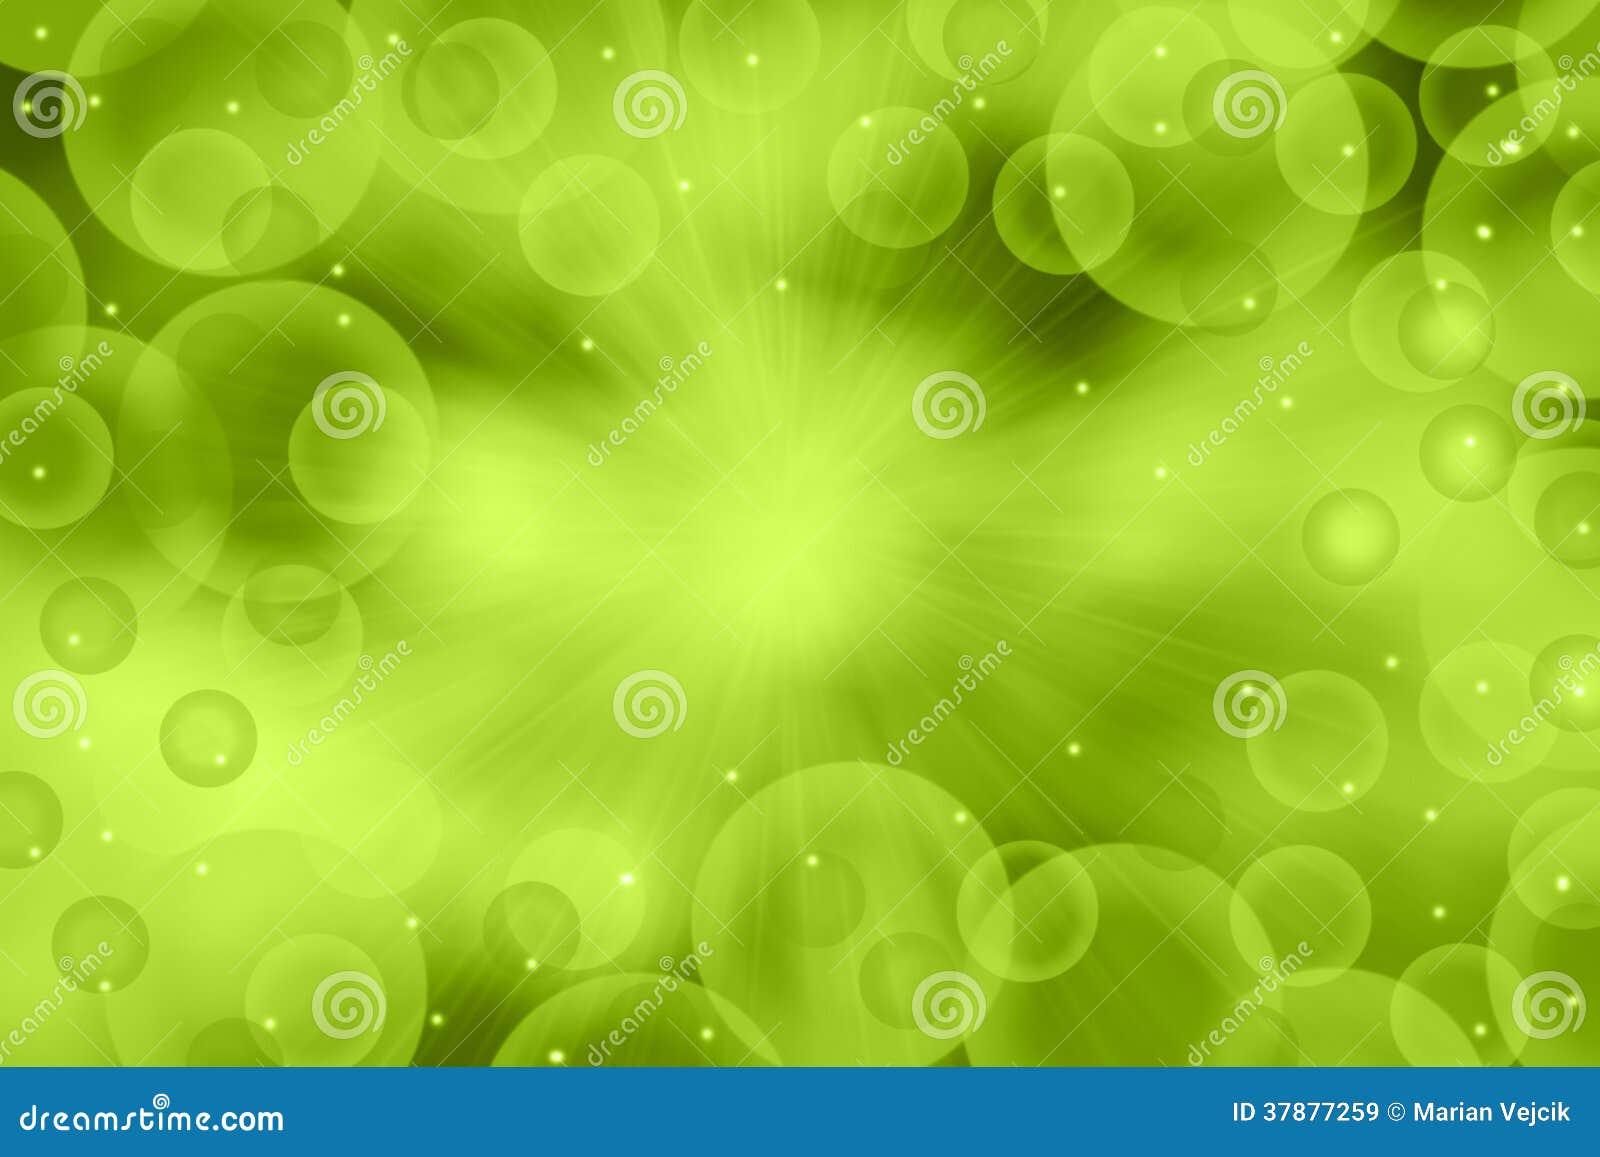 Groene bokehachtergrond